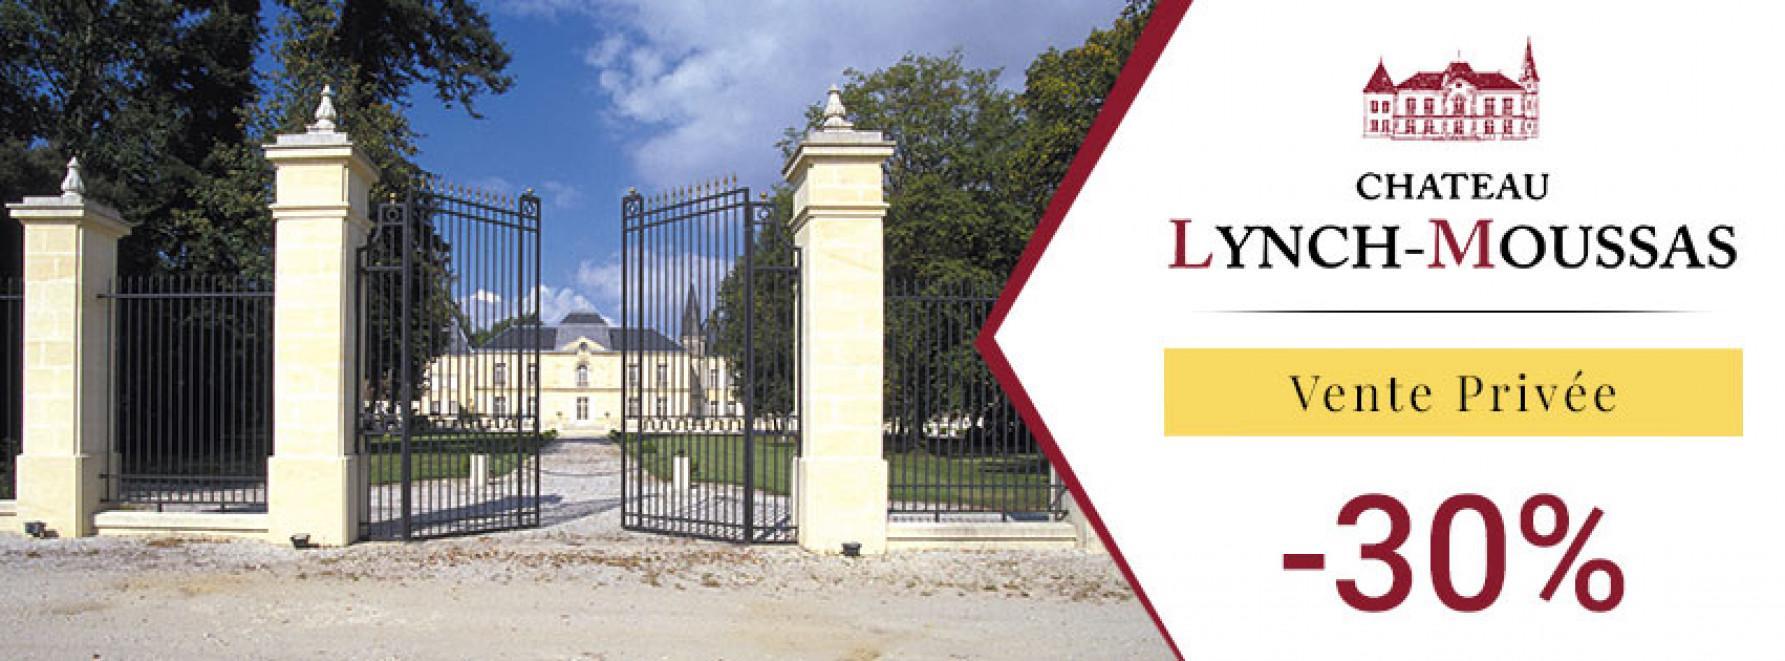 Vente Privée Château Lynch-Moussas